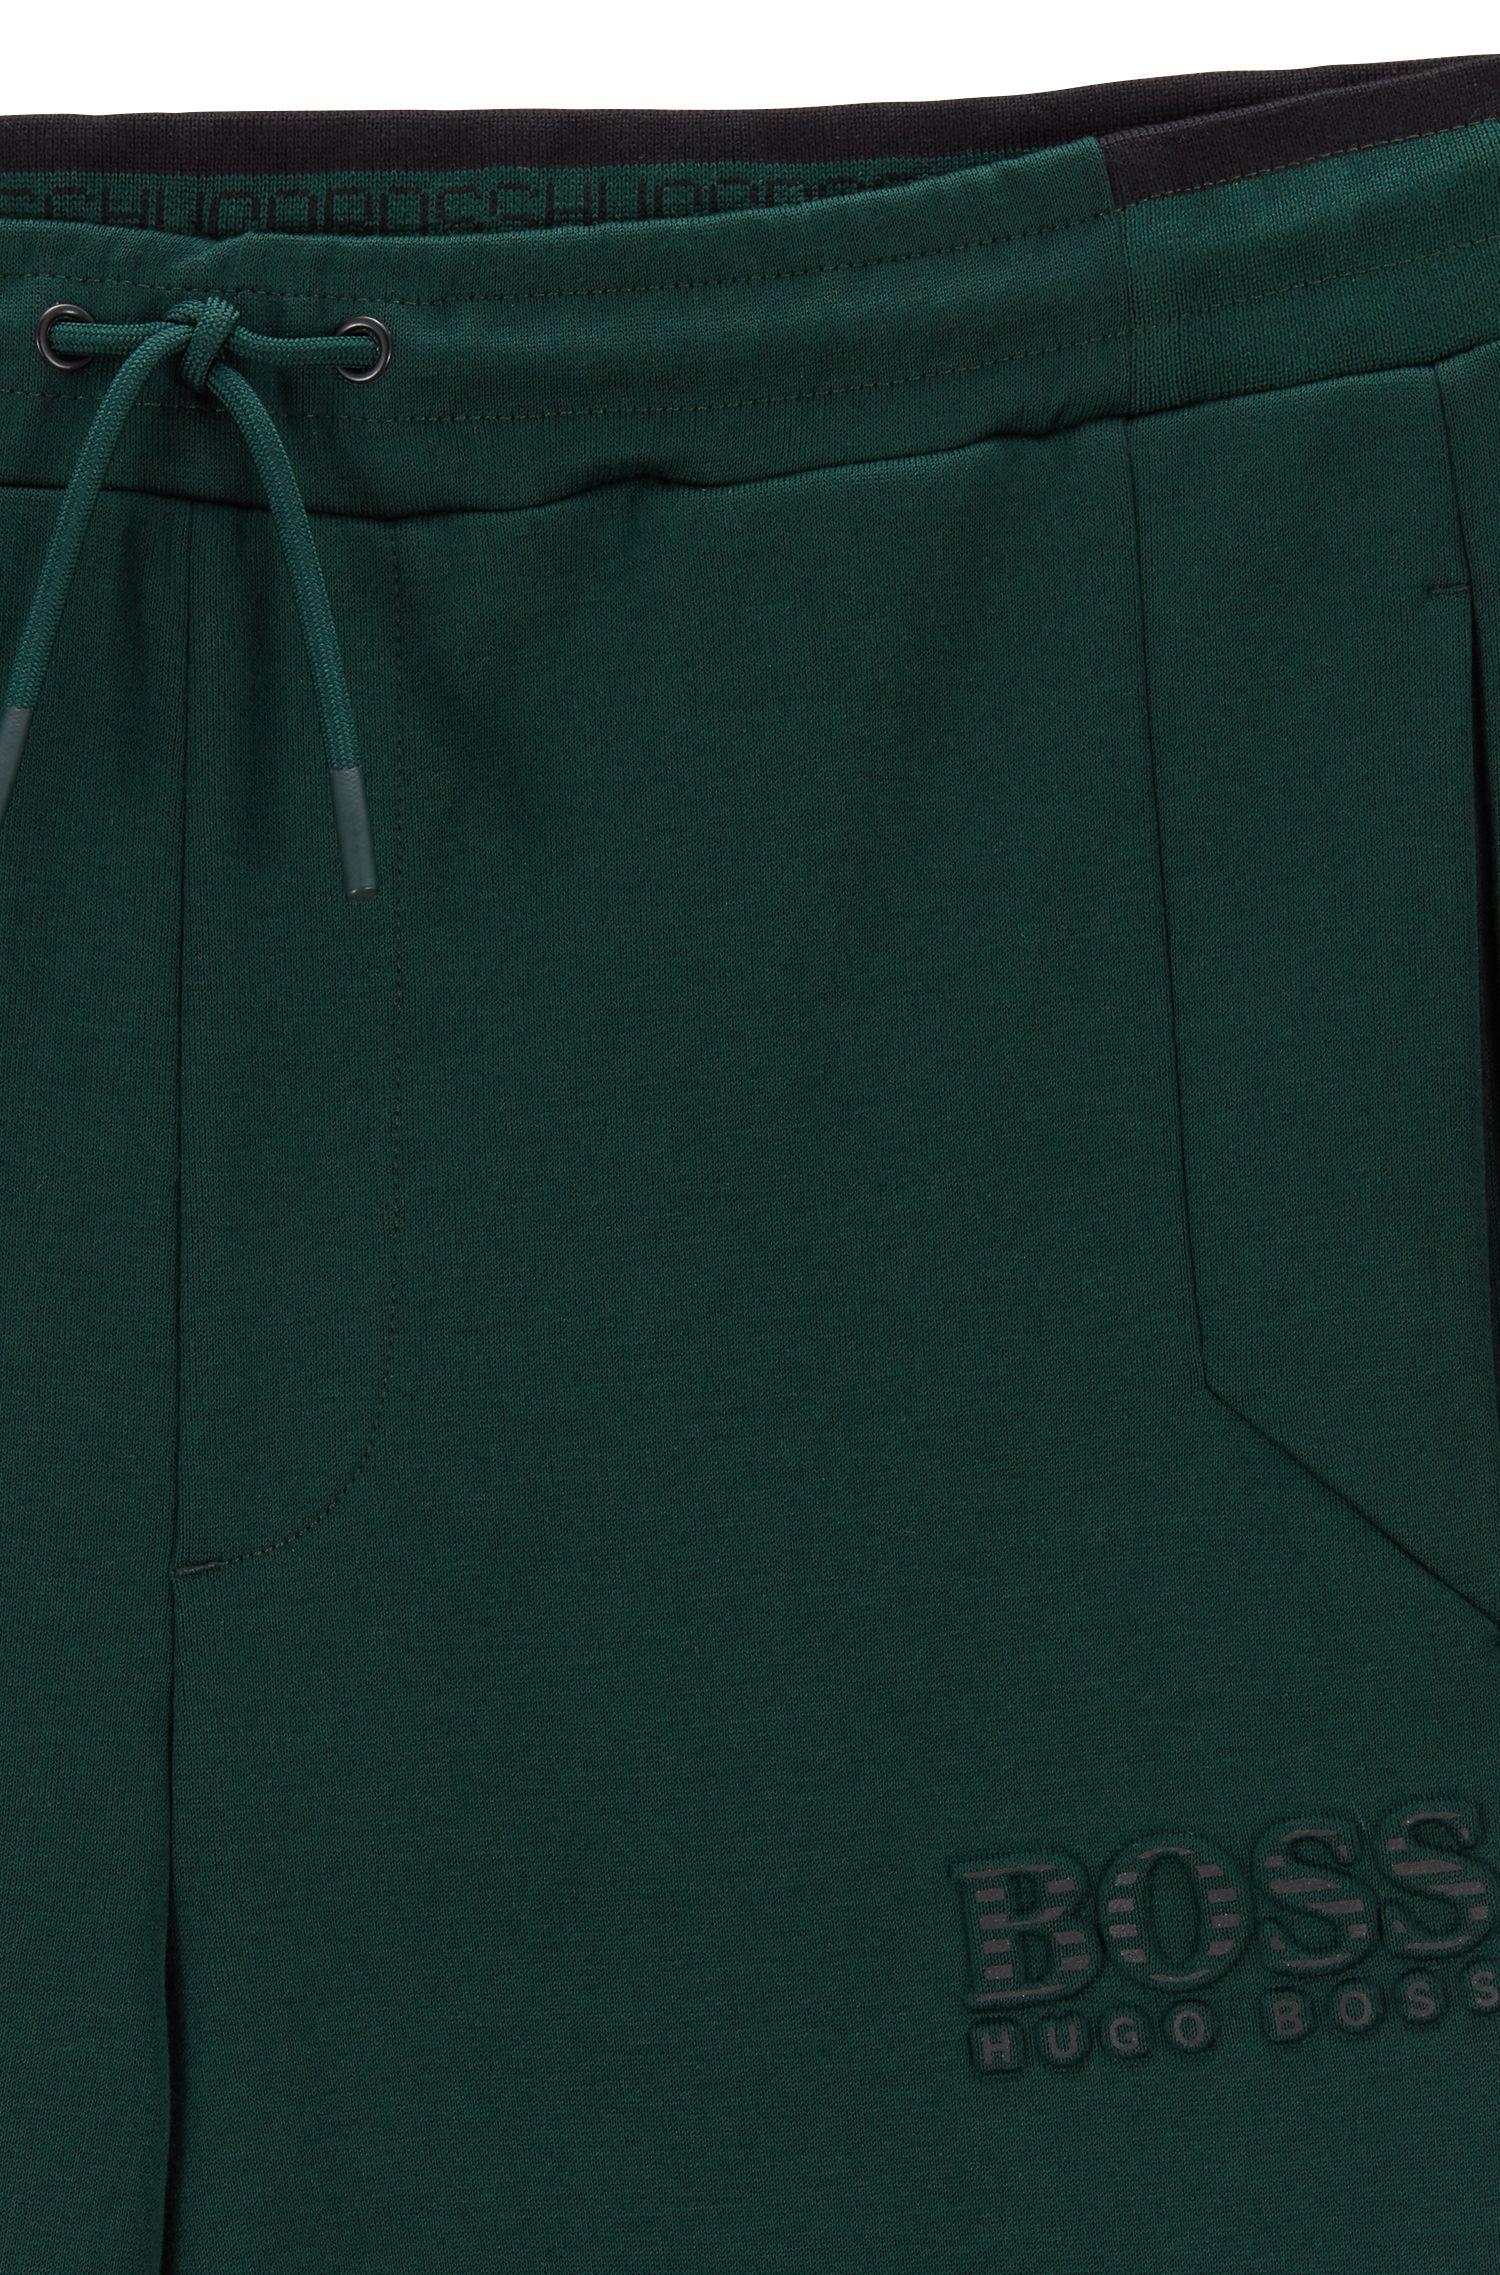 Pantaloni della tuta slim fit con dettagli riflettenti, Calce